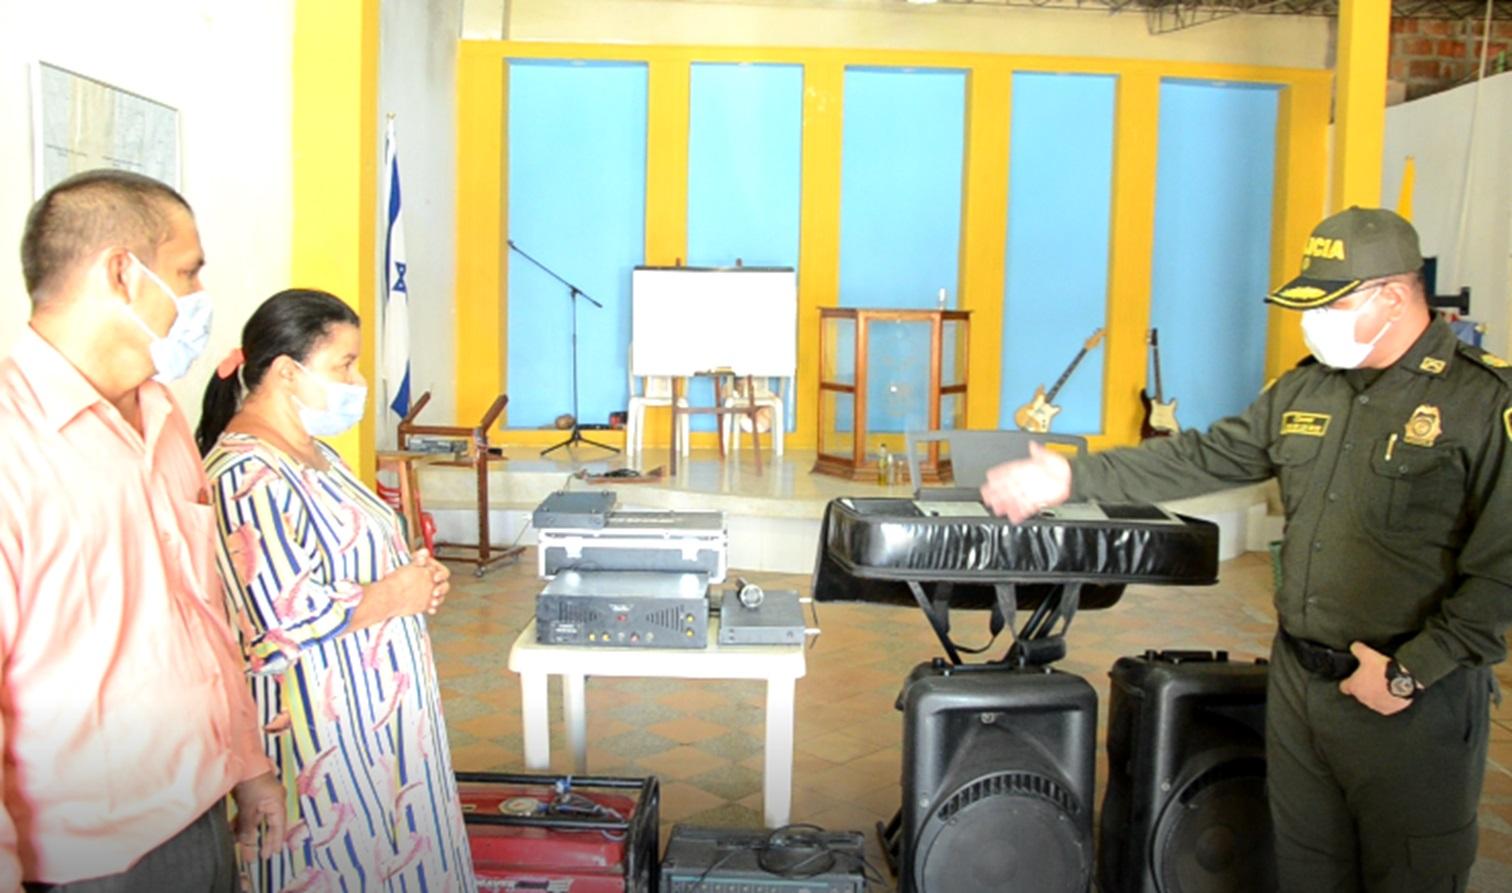 hoyennoticia.com, Recuperan elementos robados en una iglesia de Valledupar